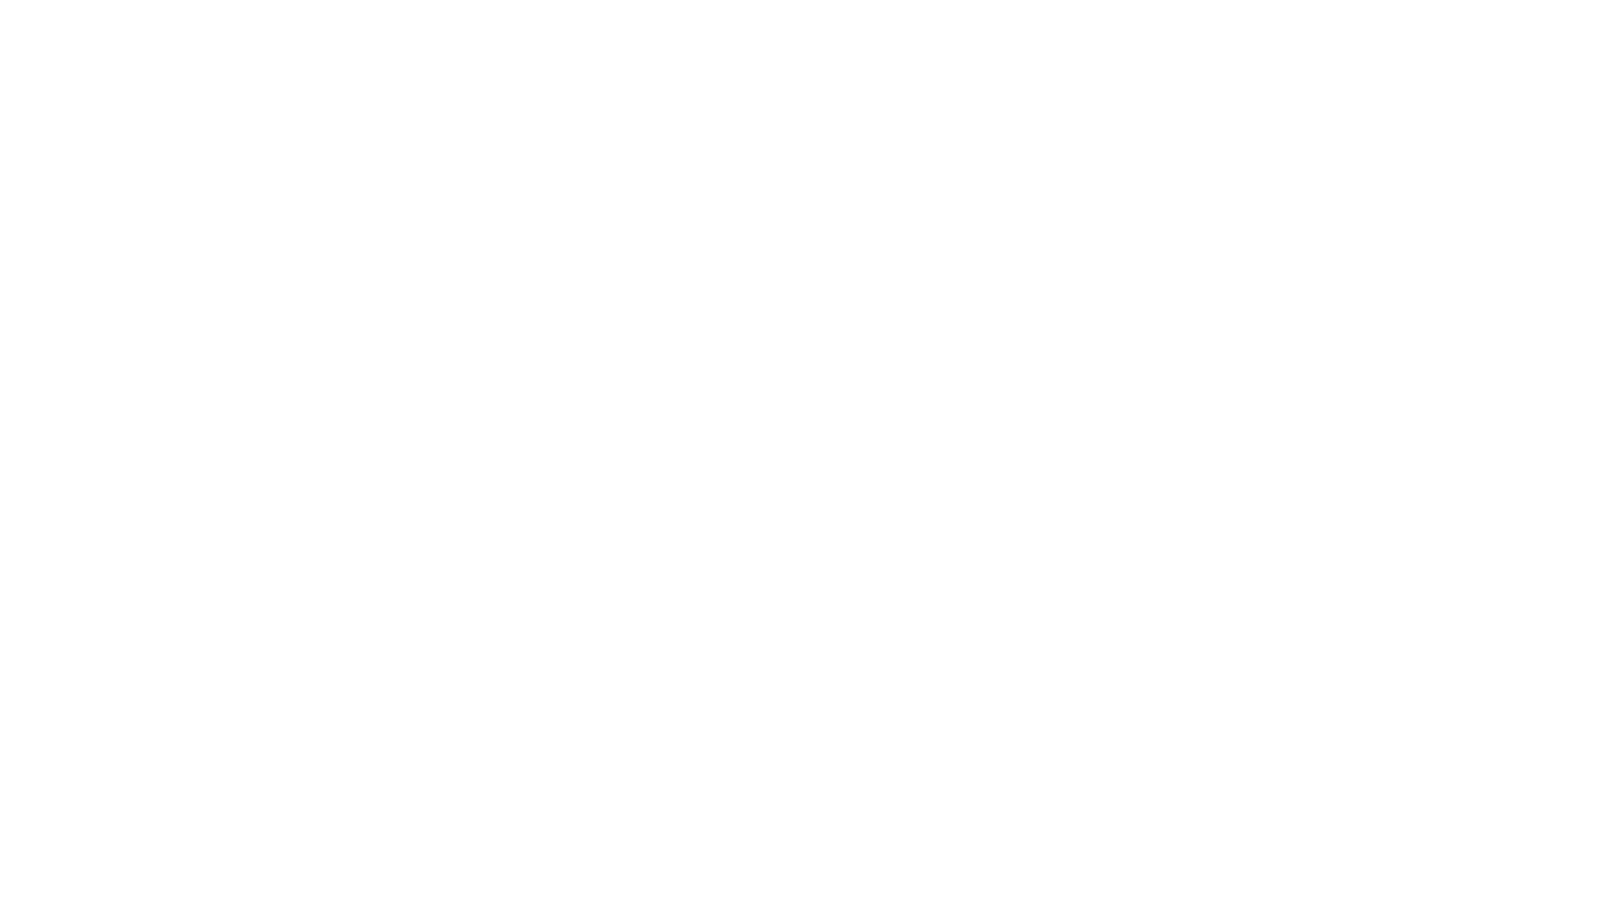 Gibt es ein globales Schönheitsideal oder anders gefragt:Muss ich so sein, wie andere es wollen oder darf ich so sein, wie ich es möchte?Sichtweisen aus der Erfahrung der Schönheitschirurgin Dr. Sabine Apfolterer und Kulturwissenschaftlerin Elisabeth Lechner.Vom Recht der Selbstbestimmung bis über öffentliche Diskriminierung aufgrund des äußeren Erscheinungsbildes.   Dr. Sabine Apfolterer kennenlernen? EMAIL: termine@dieschoenheitschirurgin.at  ANRUFEN: +43 1 353 1449   Mehr über Dr. Sabine Apfolterer: https://www.dieschoenheitschirurgin.at  https://facebook.com/dieschoenheitschirurgin https://instagram.com/die_schoenheitschirurgin